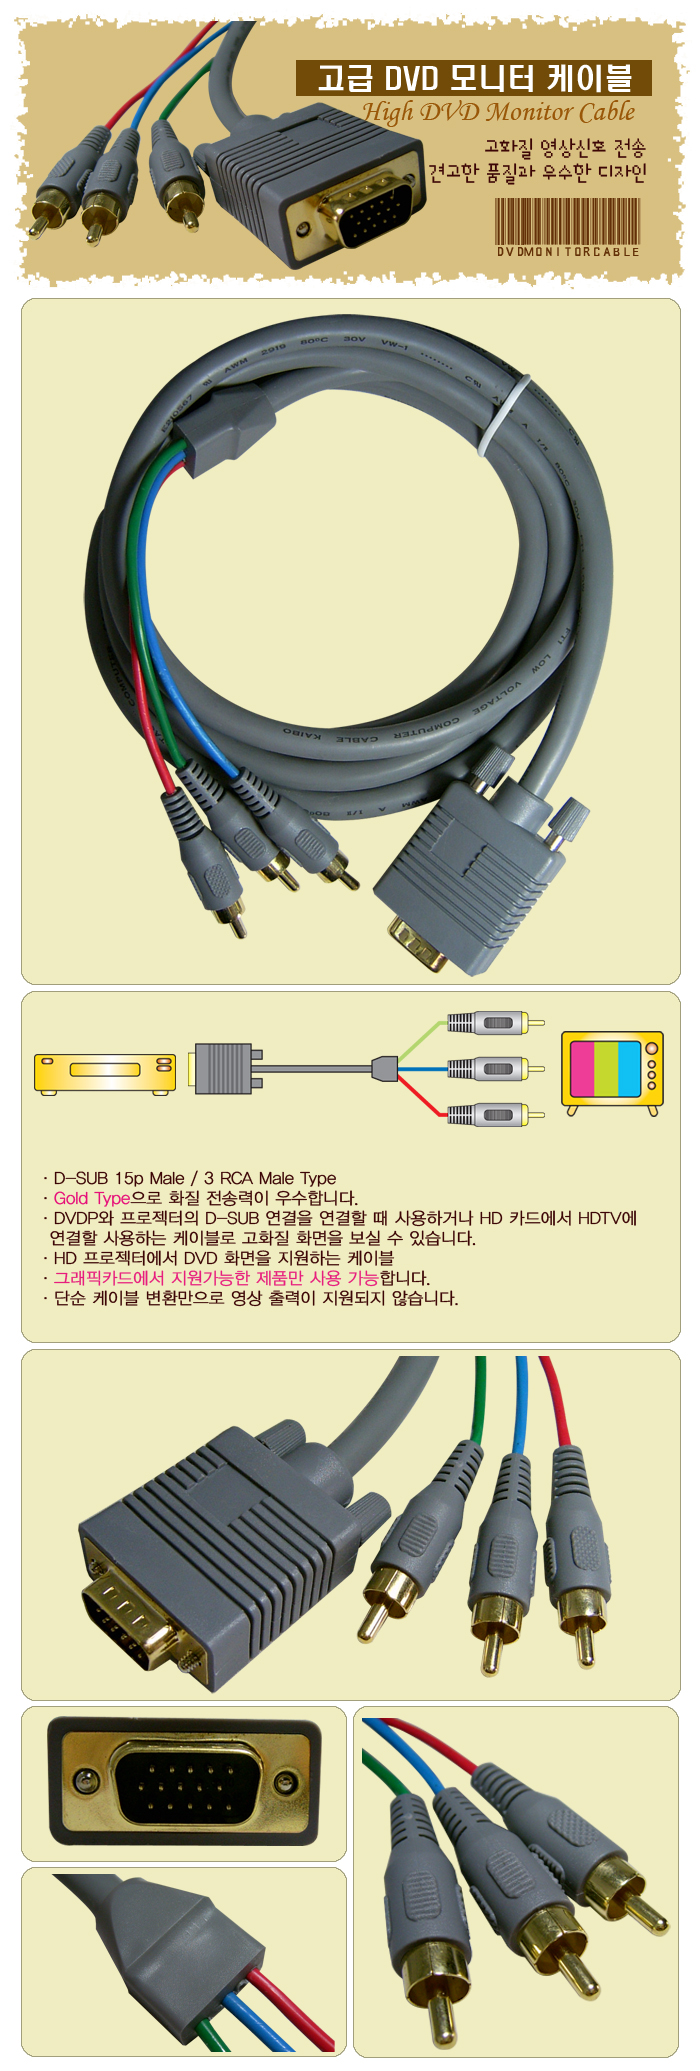 라인업시스템 LANSTAR 고급 모니터 DVD 변환케이블 (RGB3R-MM) (LS-RGB3R-MM5M, 5m)